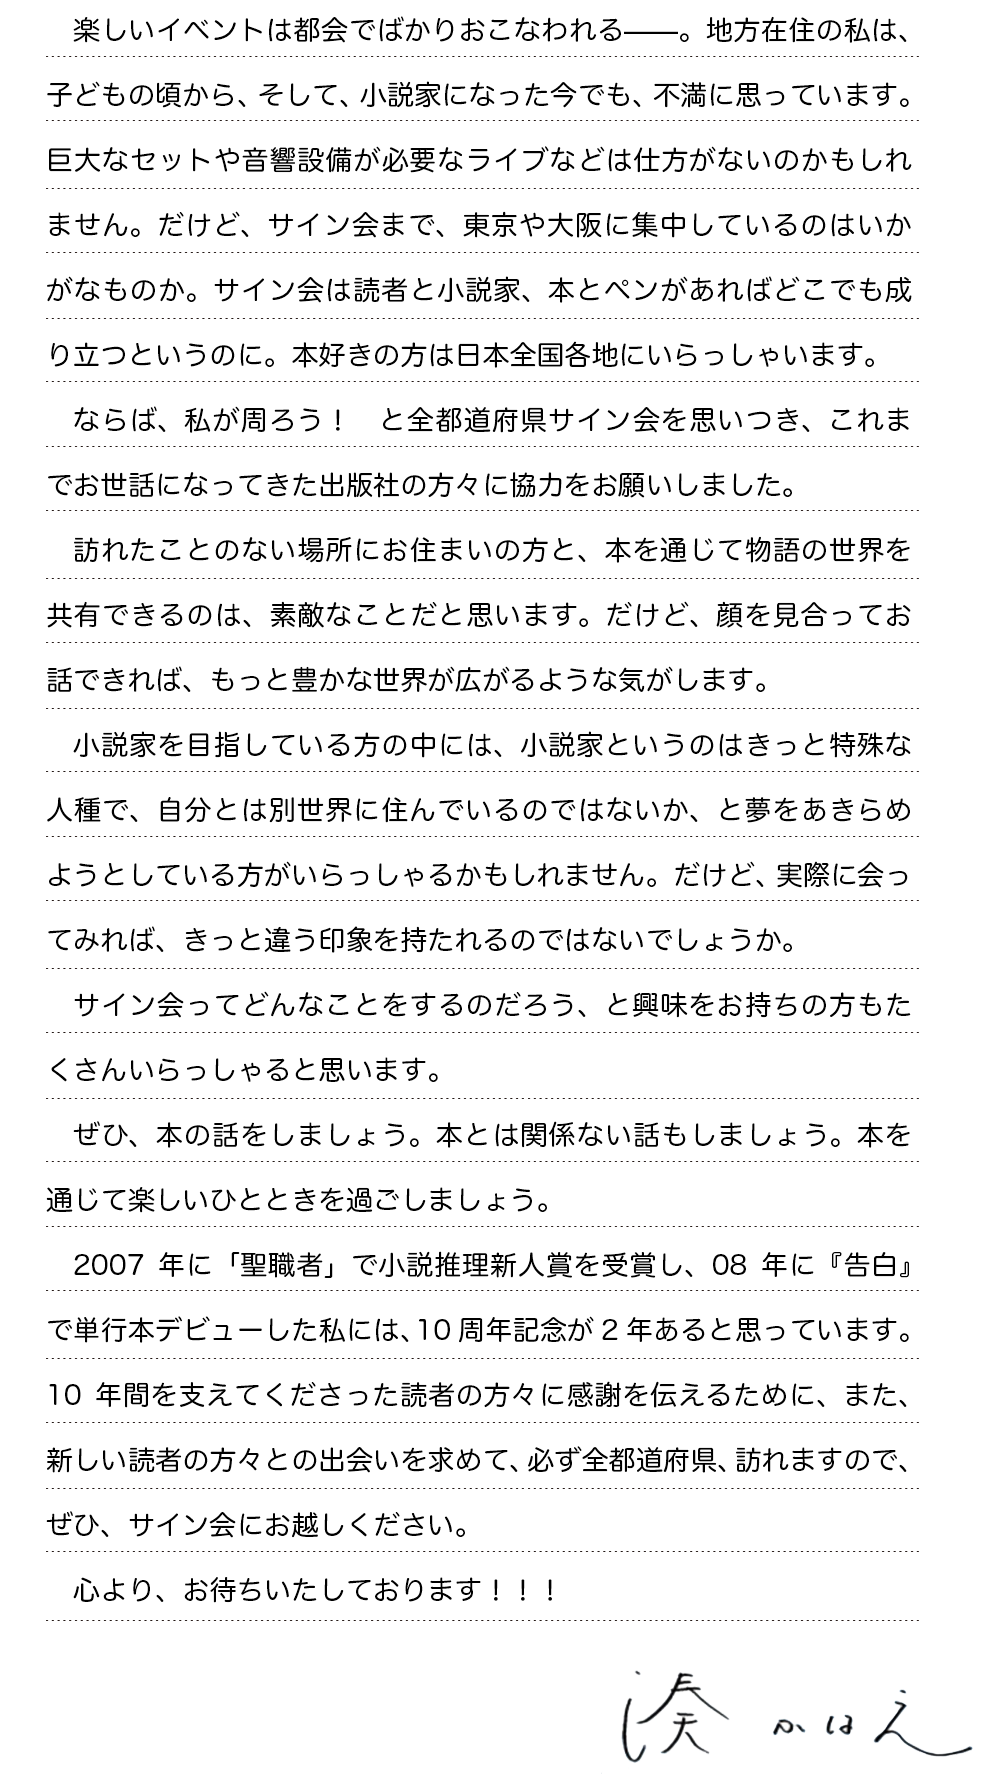 楽しいイベントは都会でばかりおこなわれる——。地方在住の私は、子どもの頃から、そして、小説家になった今でも、不満に思っています。巨大なセットや音響設備が必要なライブなどは仕方がないのかもしれません。だけど、サイン会まで、東京や大阪に集中しているのはいかがなものか。サイン会は読者と小説家、本とペンがあればどこでも成り立つというのに。本好きの方は日本全国各地にいらっしゃいます。ならば、私が周ろう! と全都道府県サイン会を思いつき、これまでお世話になってきた出版社の方々に協力をお願いしました。訪れたことのない場所にお住まいの方と、本を通じて物語の世界を共有できるのは、素敵なことだと思います。だけど、顔を見合ってお話できれば、もっと豊かな世界が広がるような気がします。小説家を目指している方の中には、小説家というのはきっと特殊な人種で、自分とは別世界に住んでいるのではないか、と夢をあきらめようとしている方がいらっしゃるかもしれません。だけど、実際に会ってみれば、きっと違う印象を持たれるのではないでしょうか。サイン会ってどんなことをするのだろう、と興味をお持ちの方もたくさんいらっしゃると思います。ぜひ、本の話をしましょう。本とは関係ない話もしましょう。本を通じて楽しいひとときを過ごしましょう。2007年に「聖職者」で小説推理新人賞を受賞し、08年に『告白』で単行本デビューした私には、10周年記念が2年あると思っています。10年間を支えてくださった読者の方々に感謝を伝えるために、また、新しい読者の方々との出会いを求めて、必ず全都道府県、訪れますので、ぜひ、サイン会にお越しください。心より、お待ちいたしております!!!